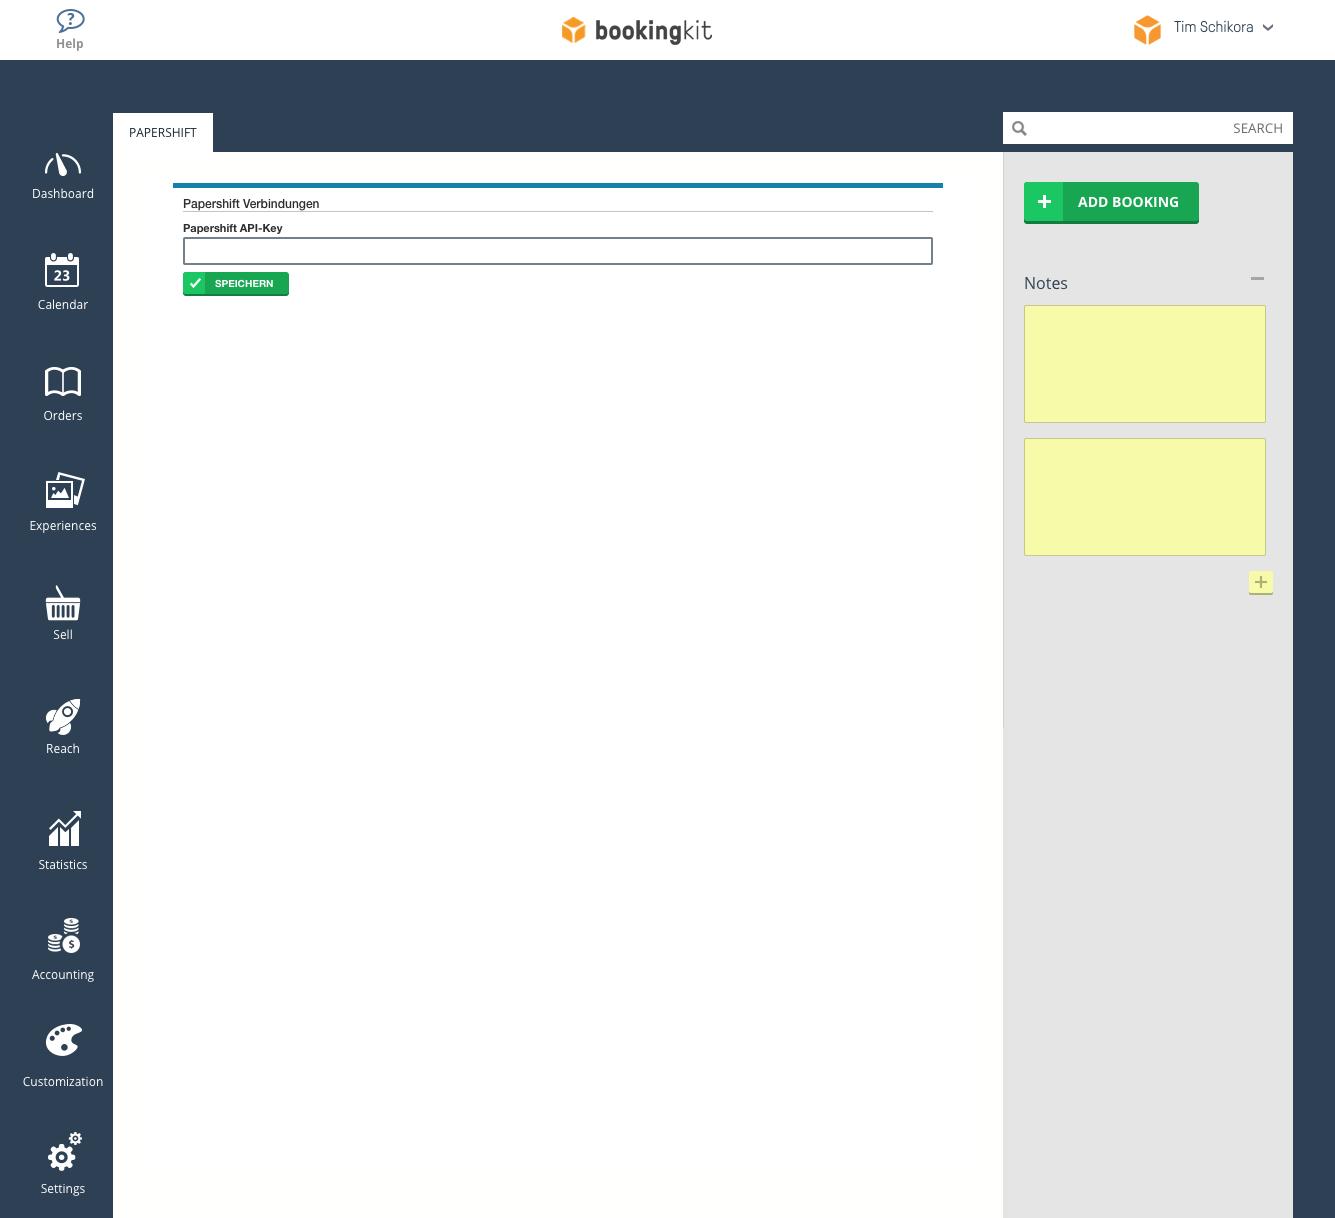 Papershift-bookingkit-3rd-screenshot